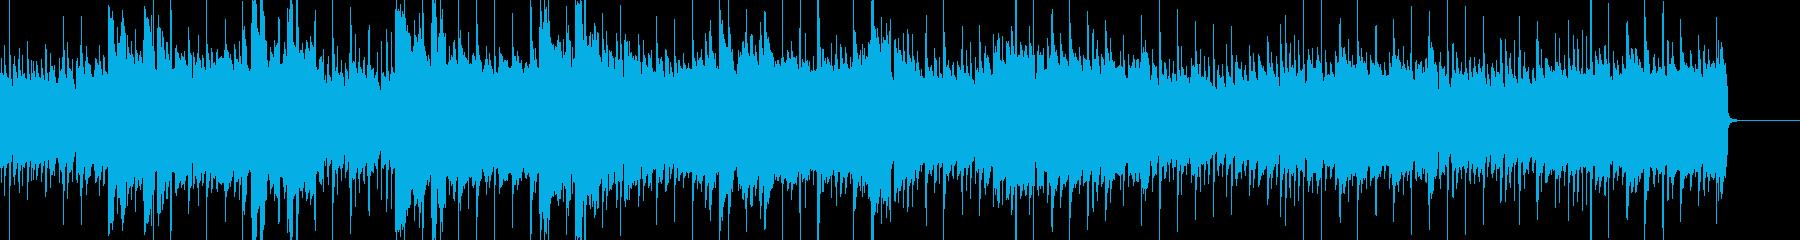 晴れ・前向き アコギ・ピアノ・ベースの再生済みの波形